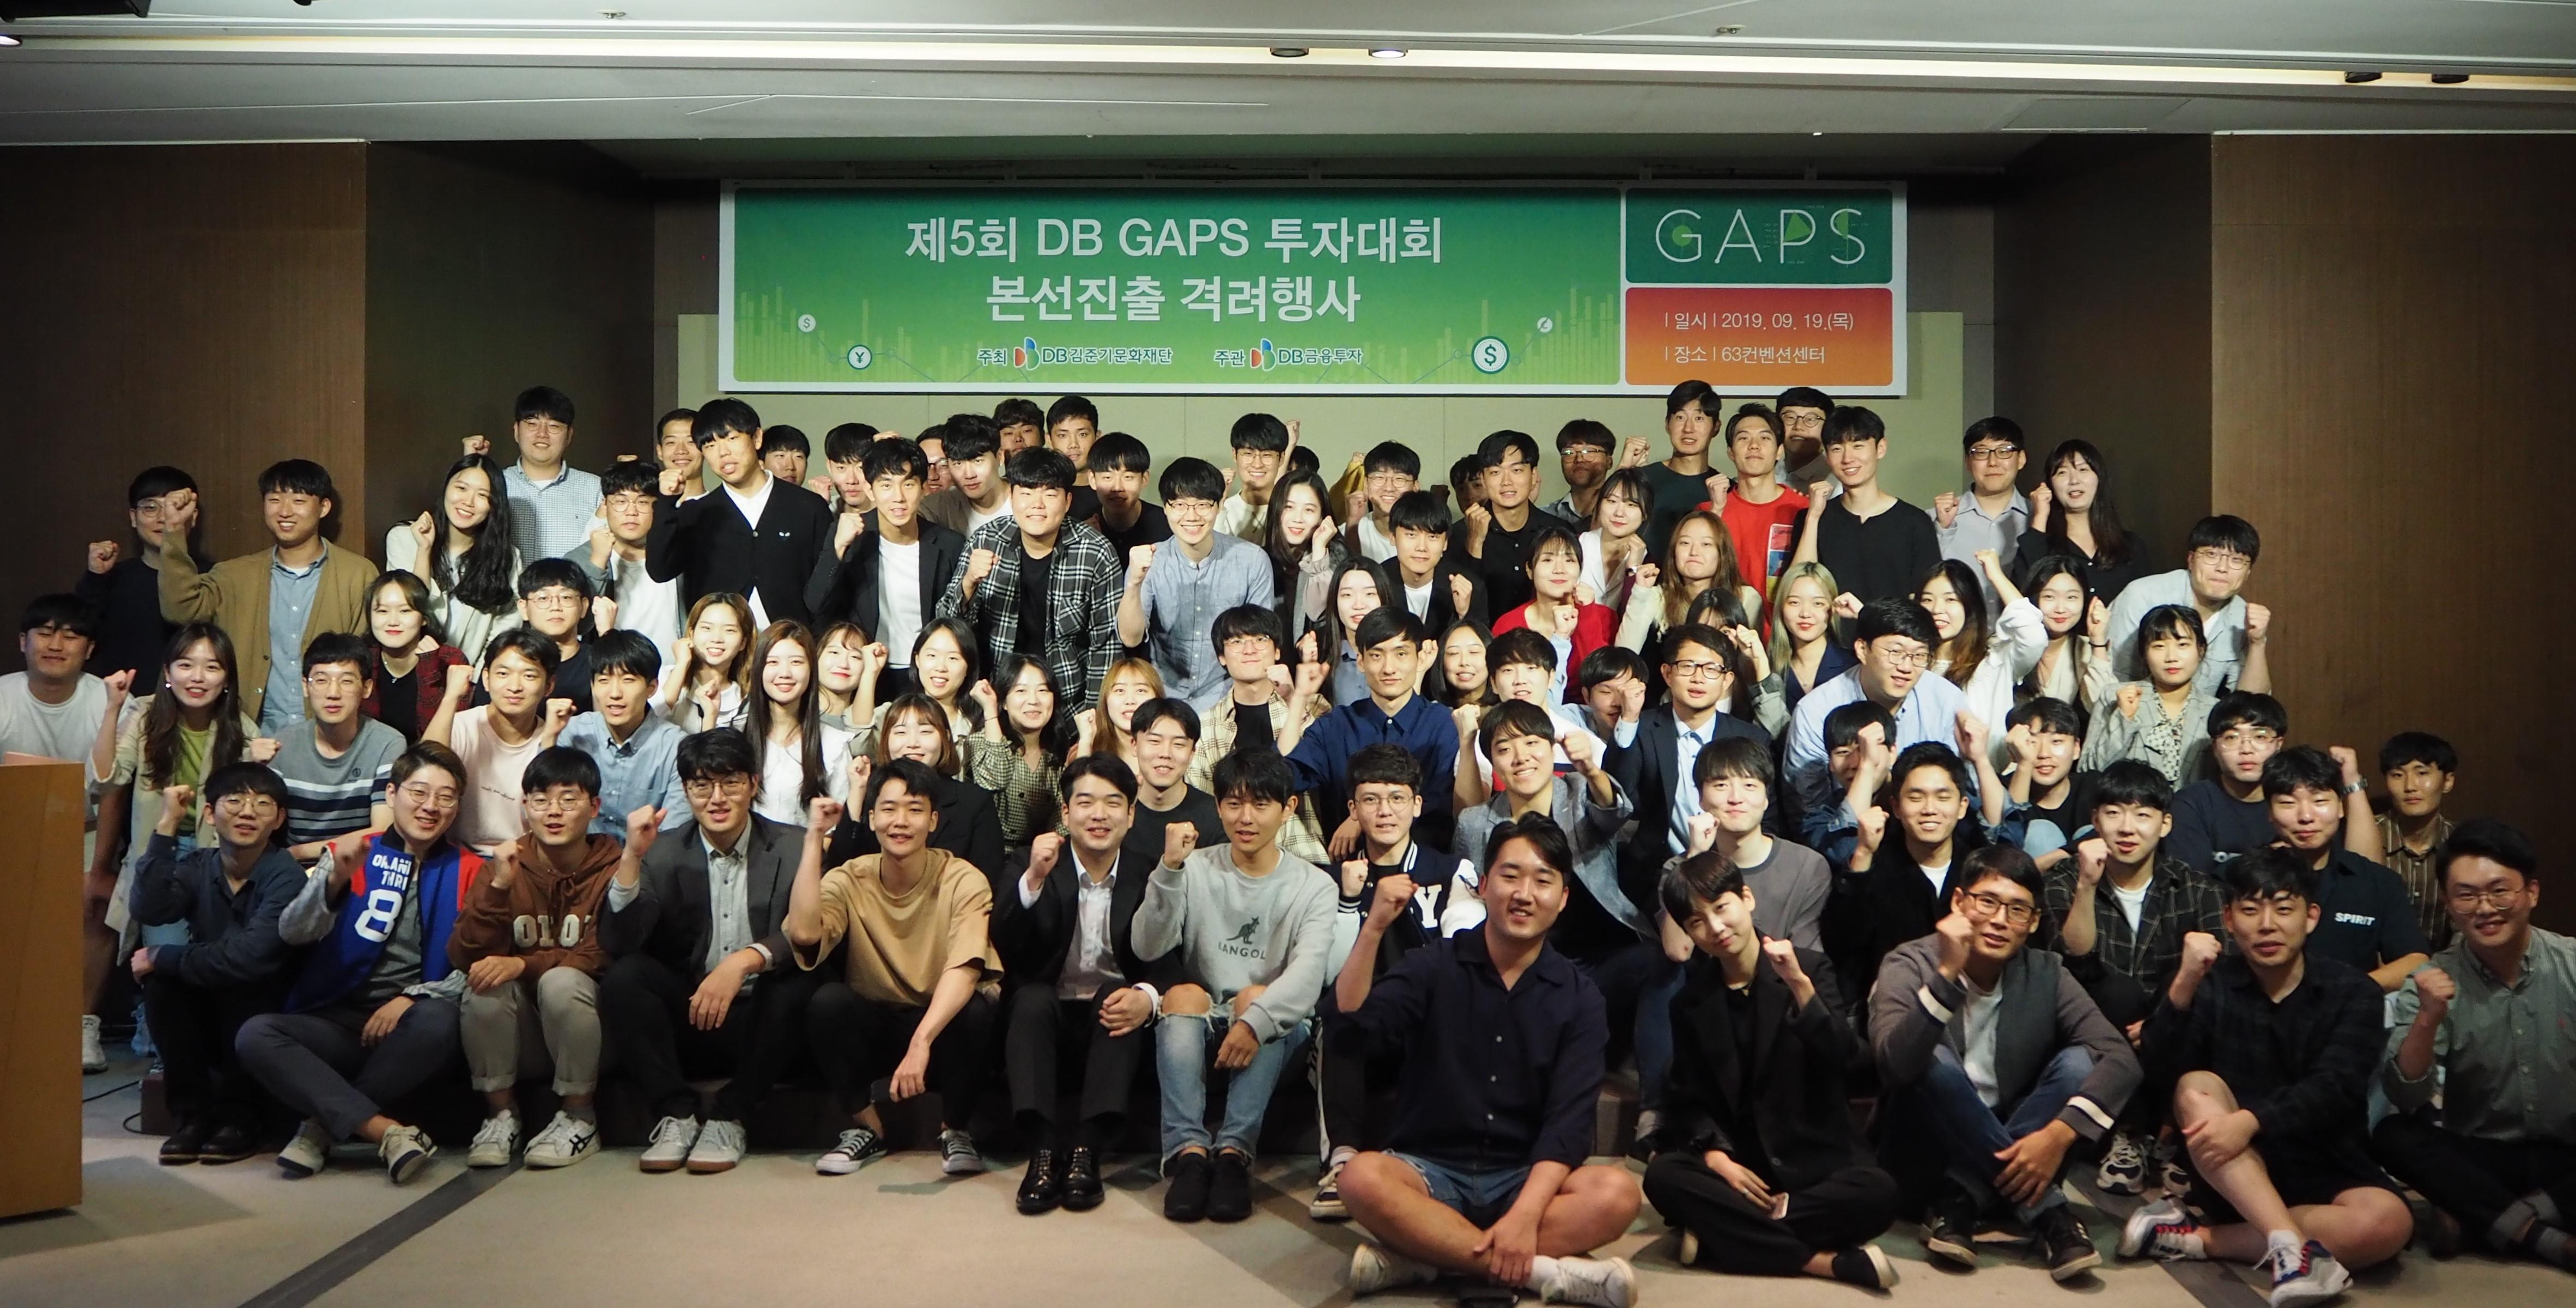 DB금융투자, '2019 DB GAPS 투자대회 본선진출 격려행사' 개최